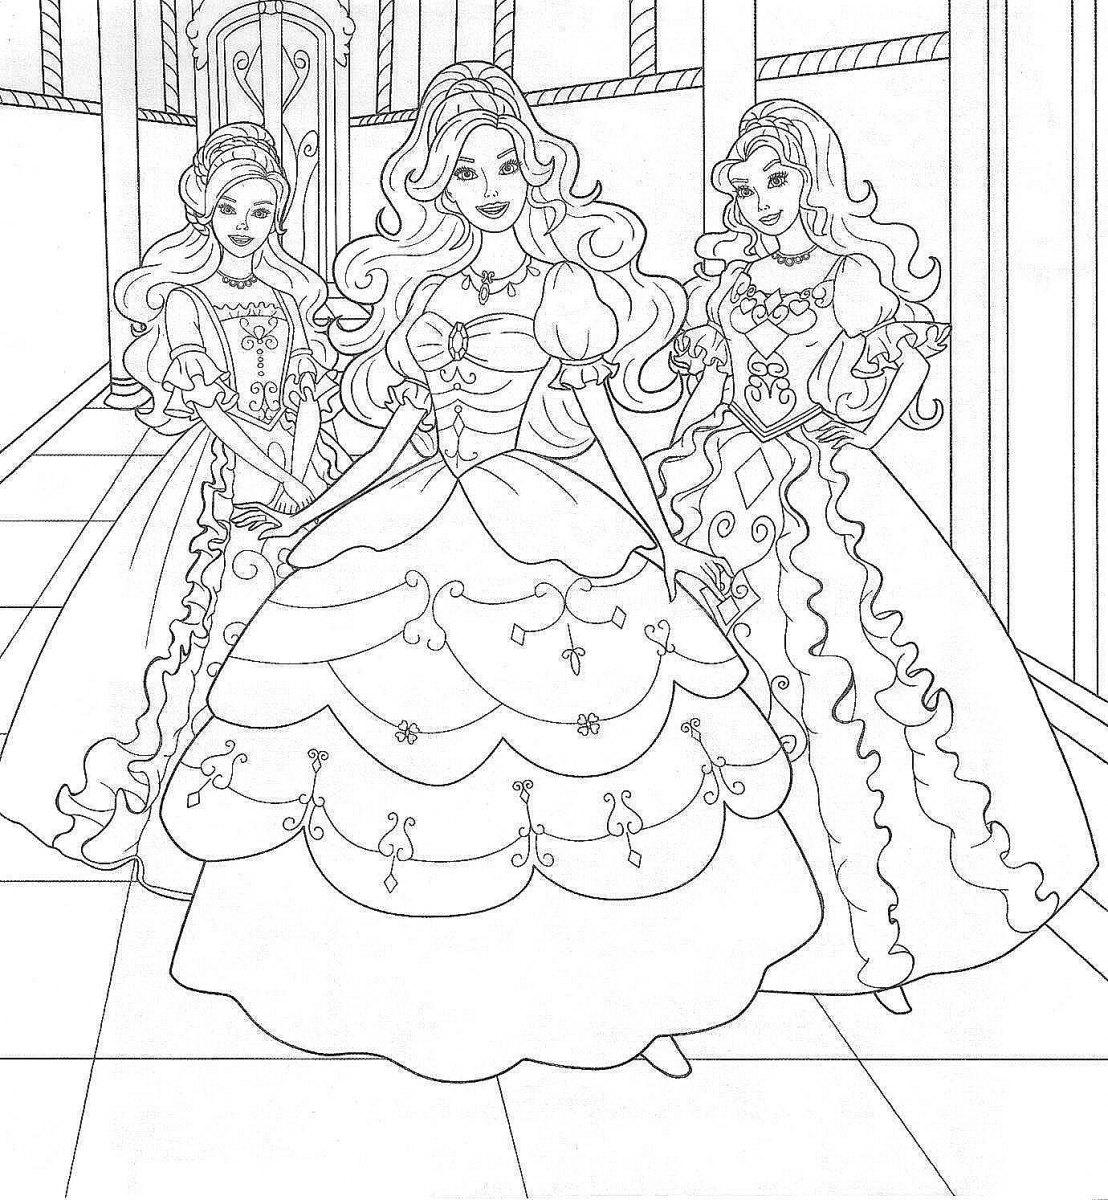 Desenhos Para Colorir Da Barbie Avare Guia Avare Guia Oficial